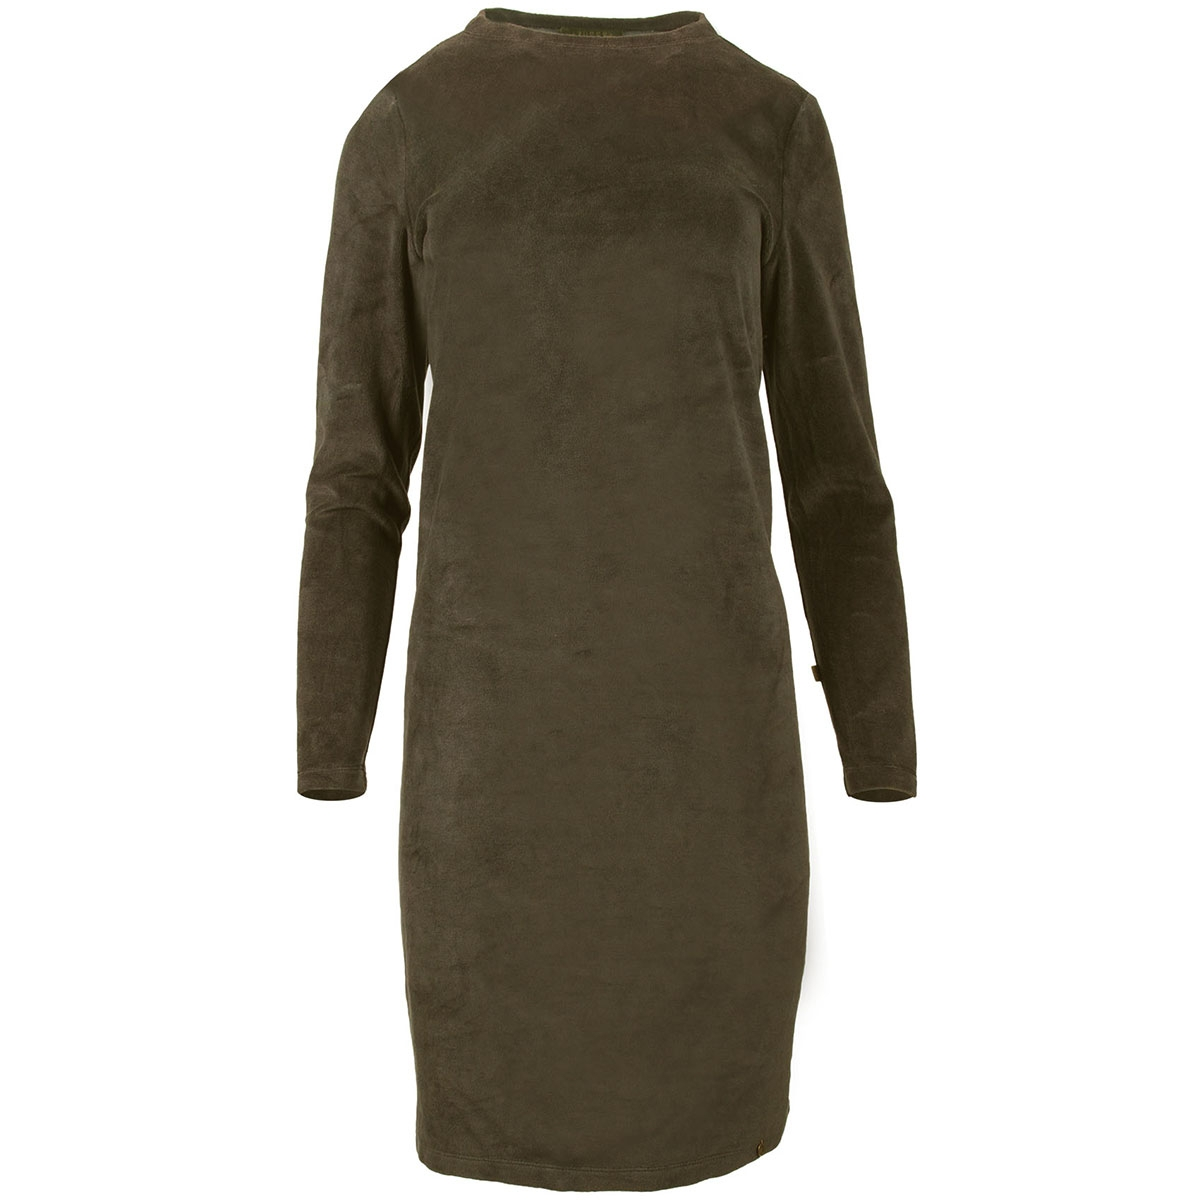 03fj18n zusss jurk cgn groen